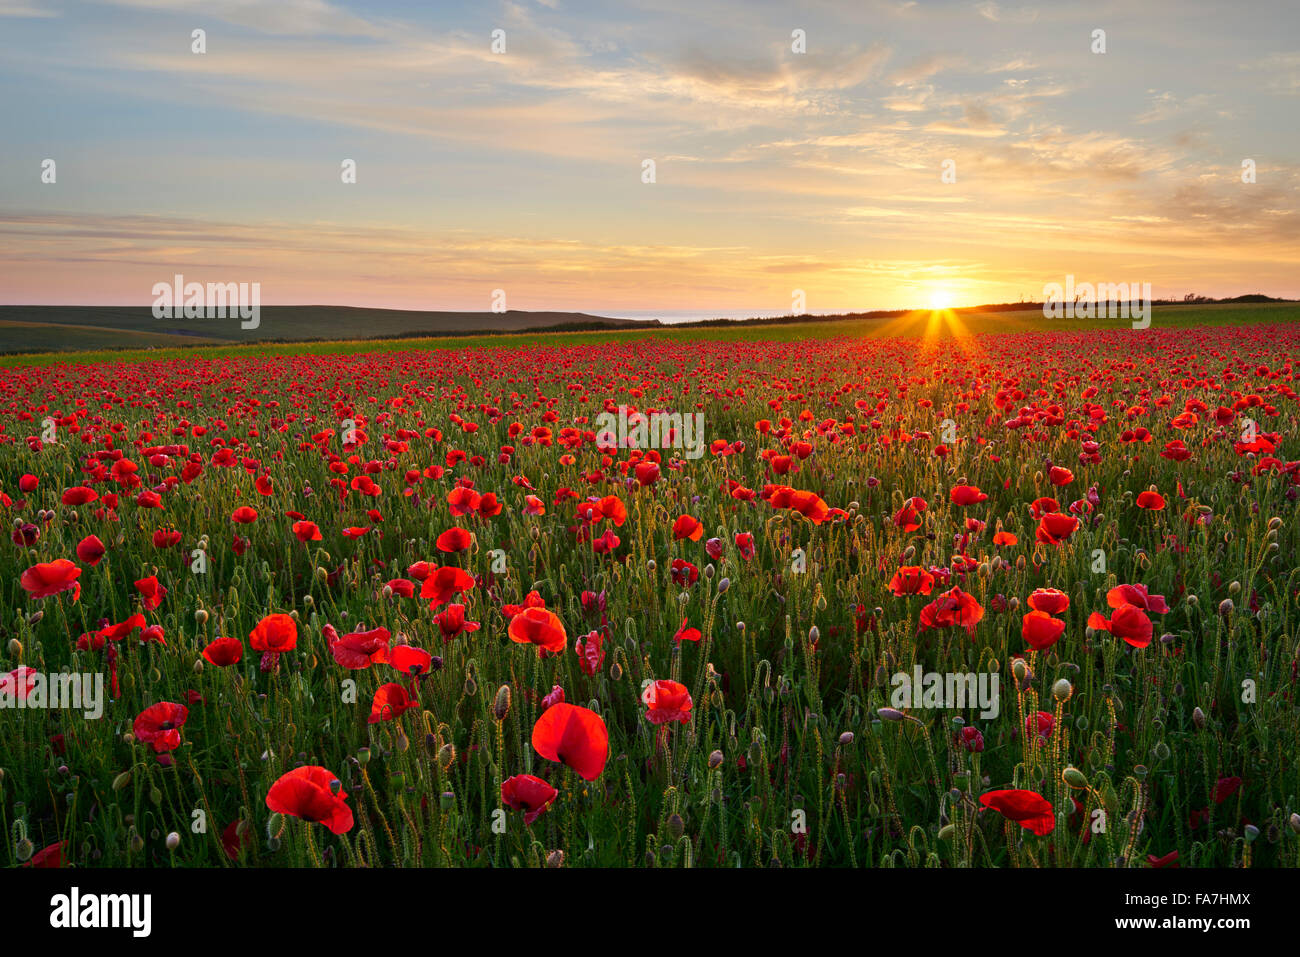 Mohnfeld in voller Blüte, Cornwall Stockbild